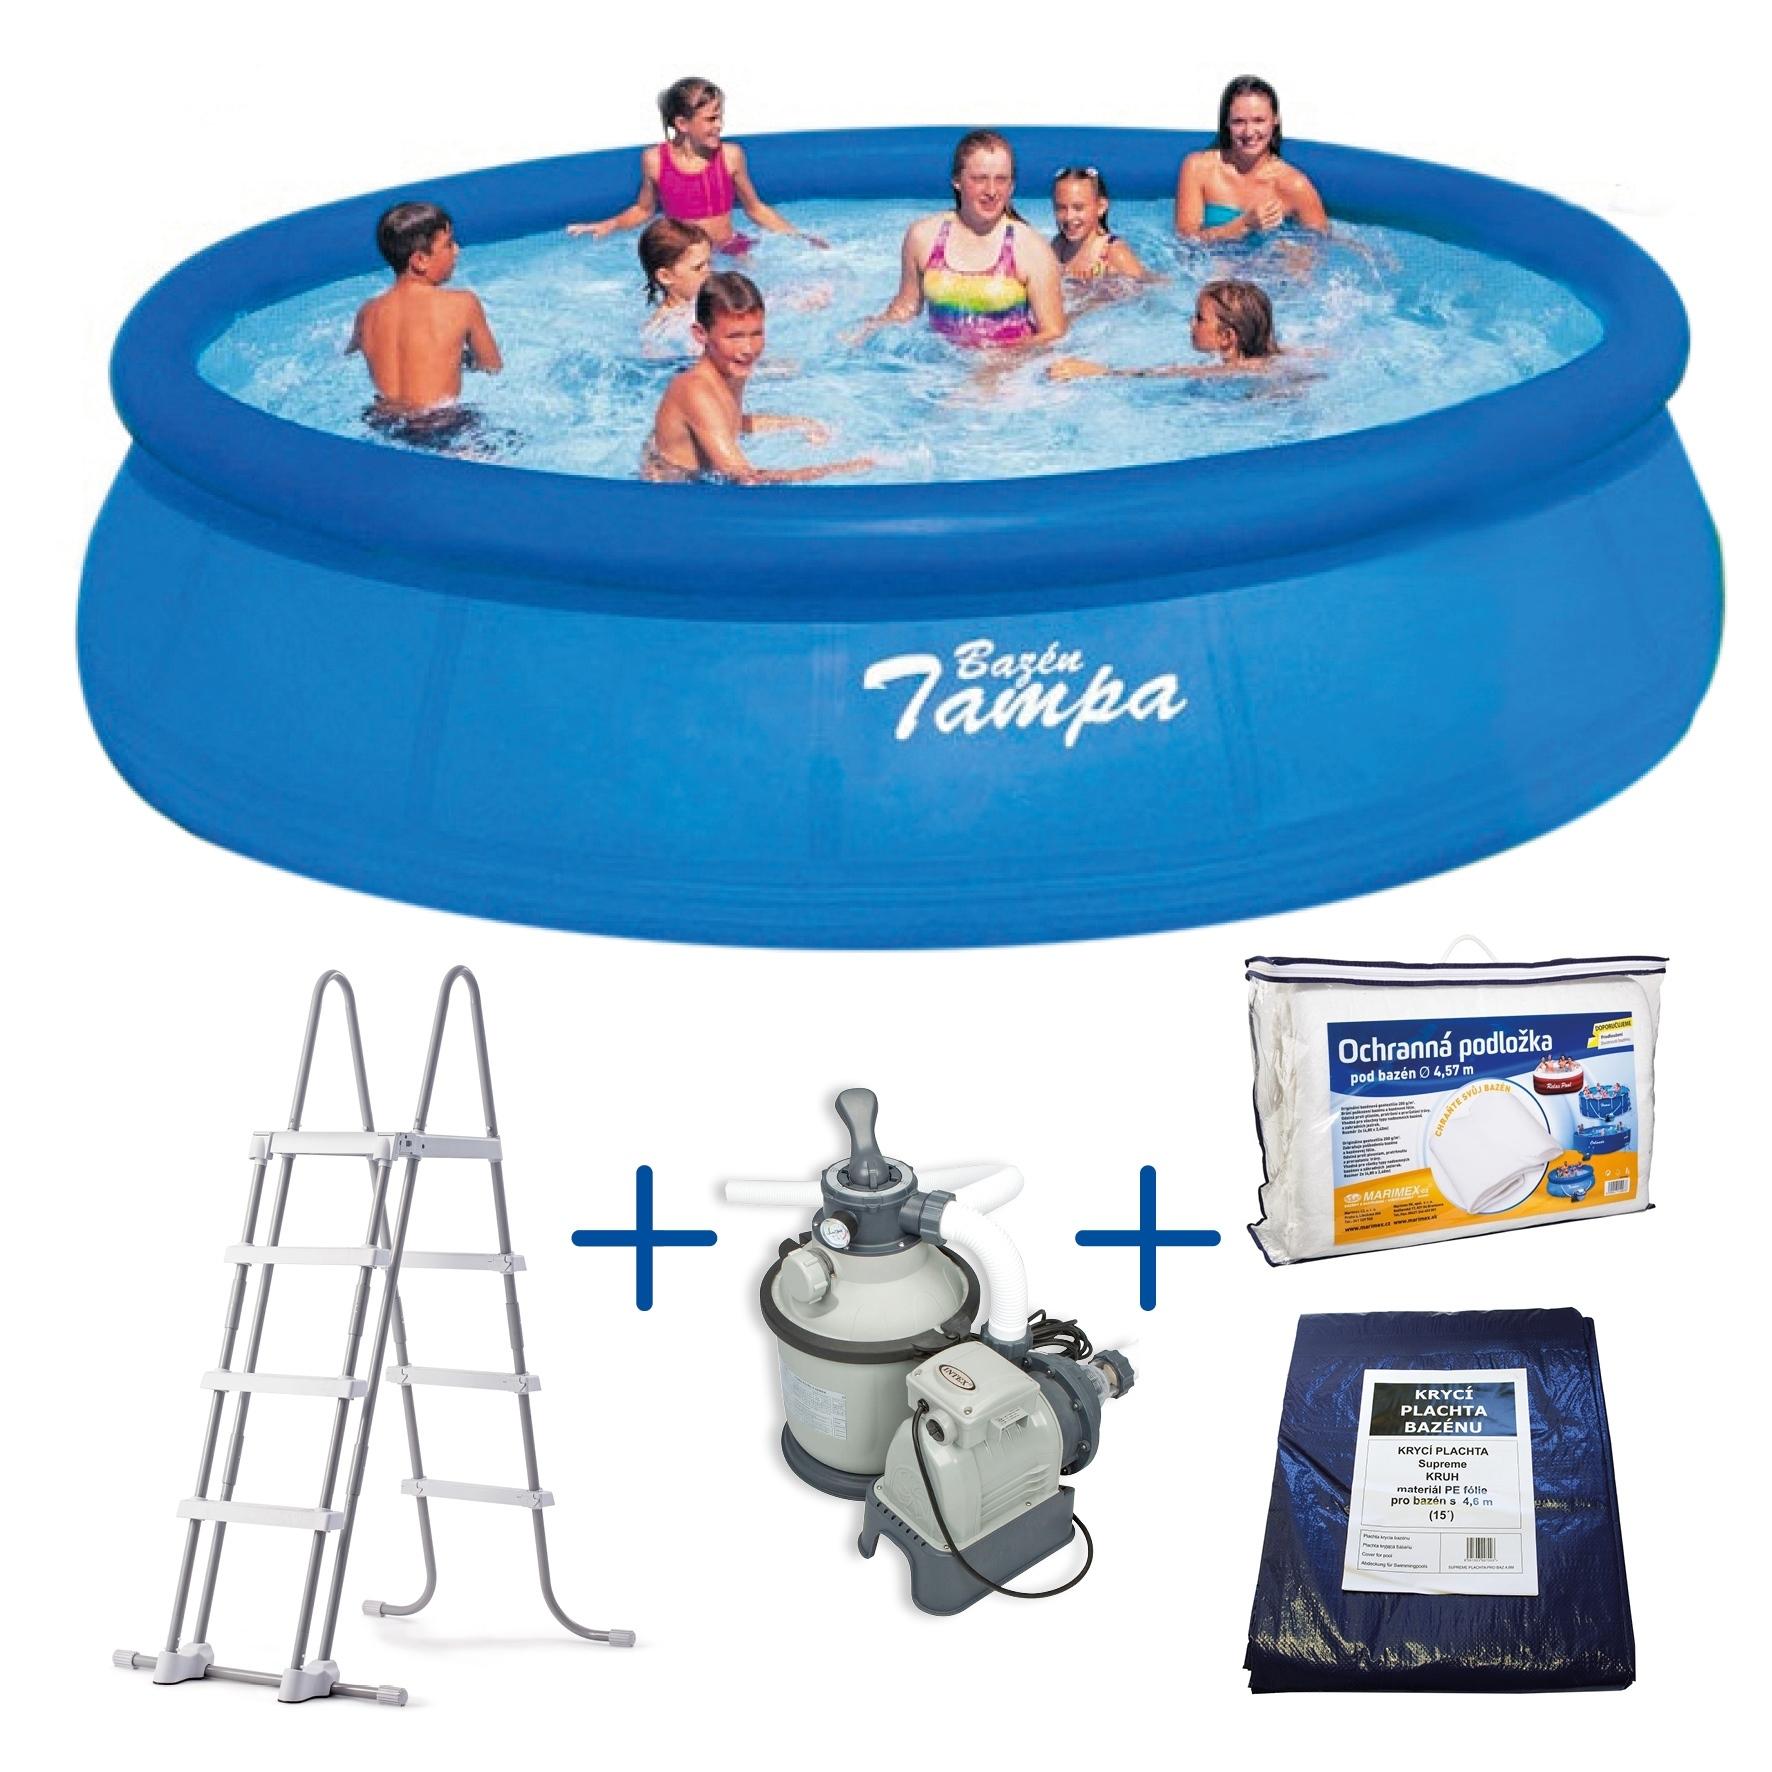 Bazén Tampa 4,57x1,22 m s pískovou filtrací Sand 4